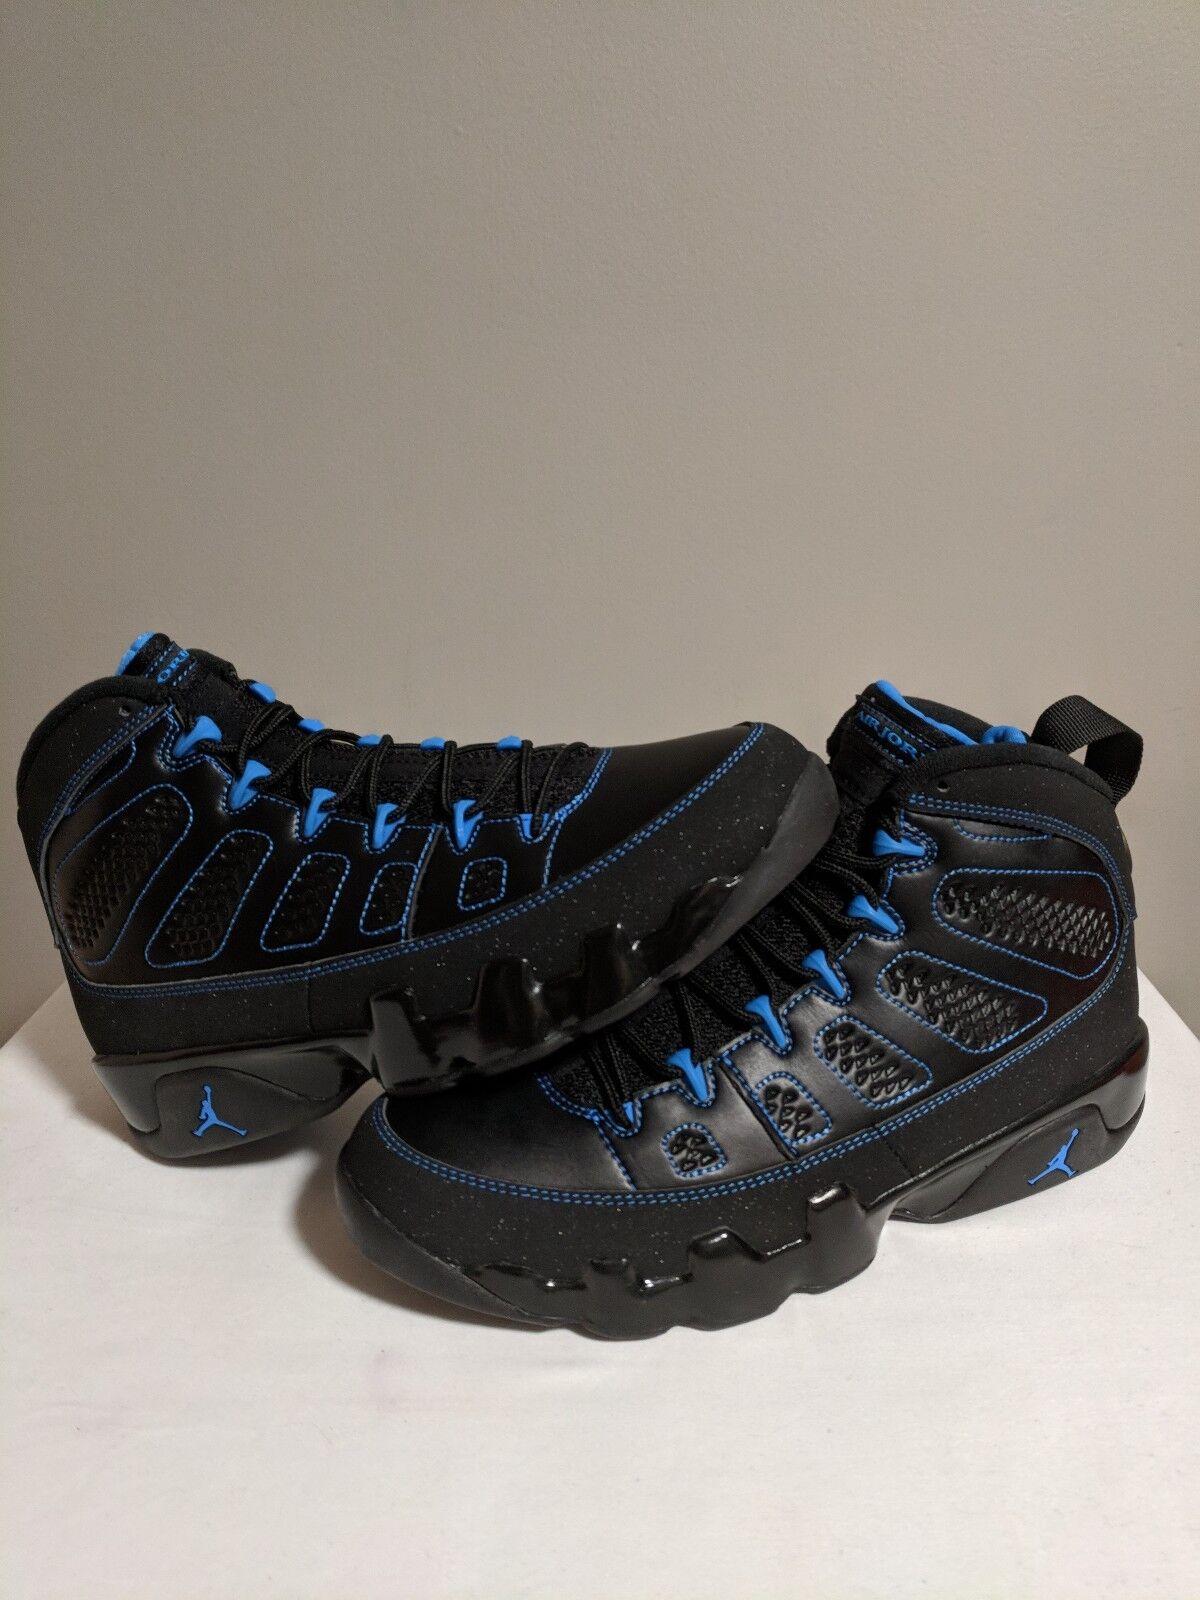 Jordan Retro 9 Foto Azul Negro Inferior Ds